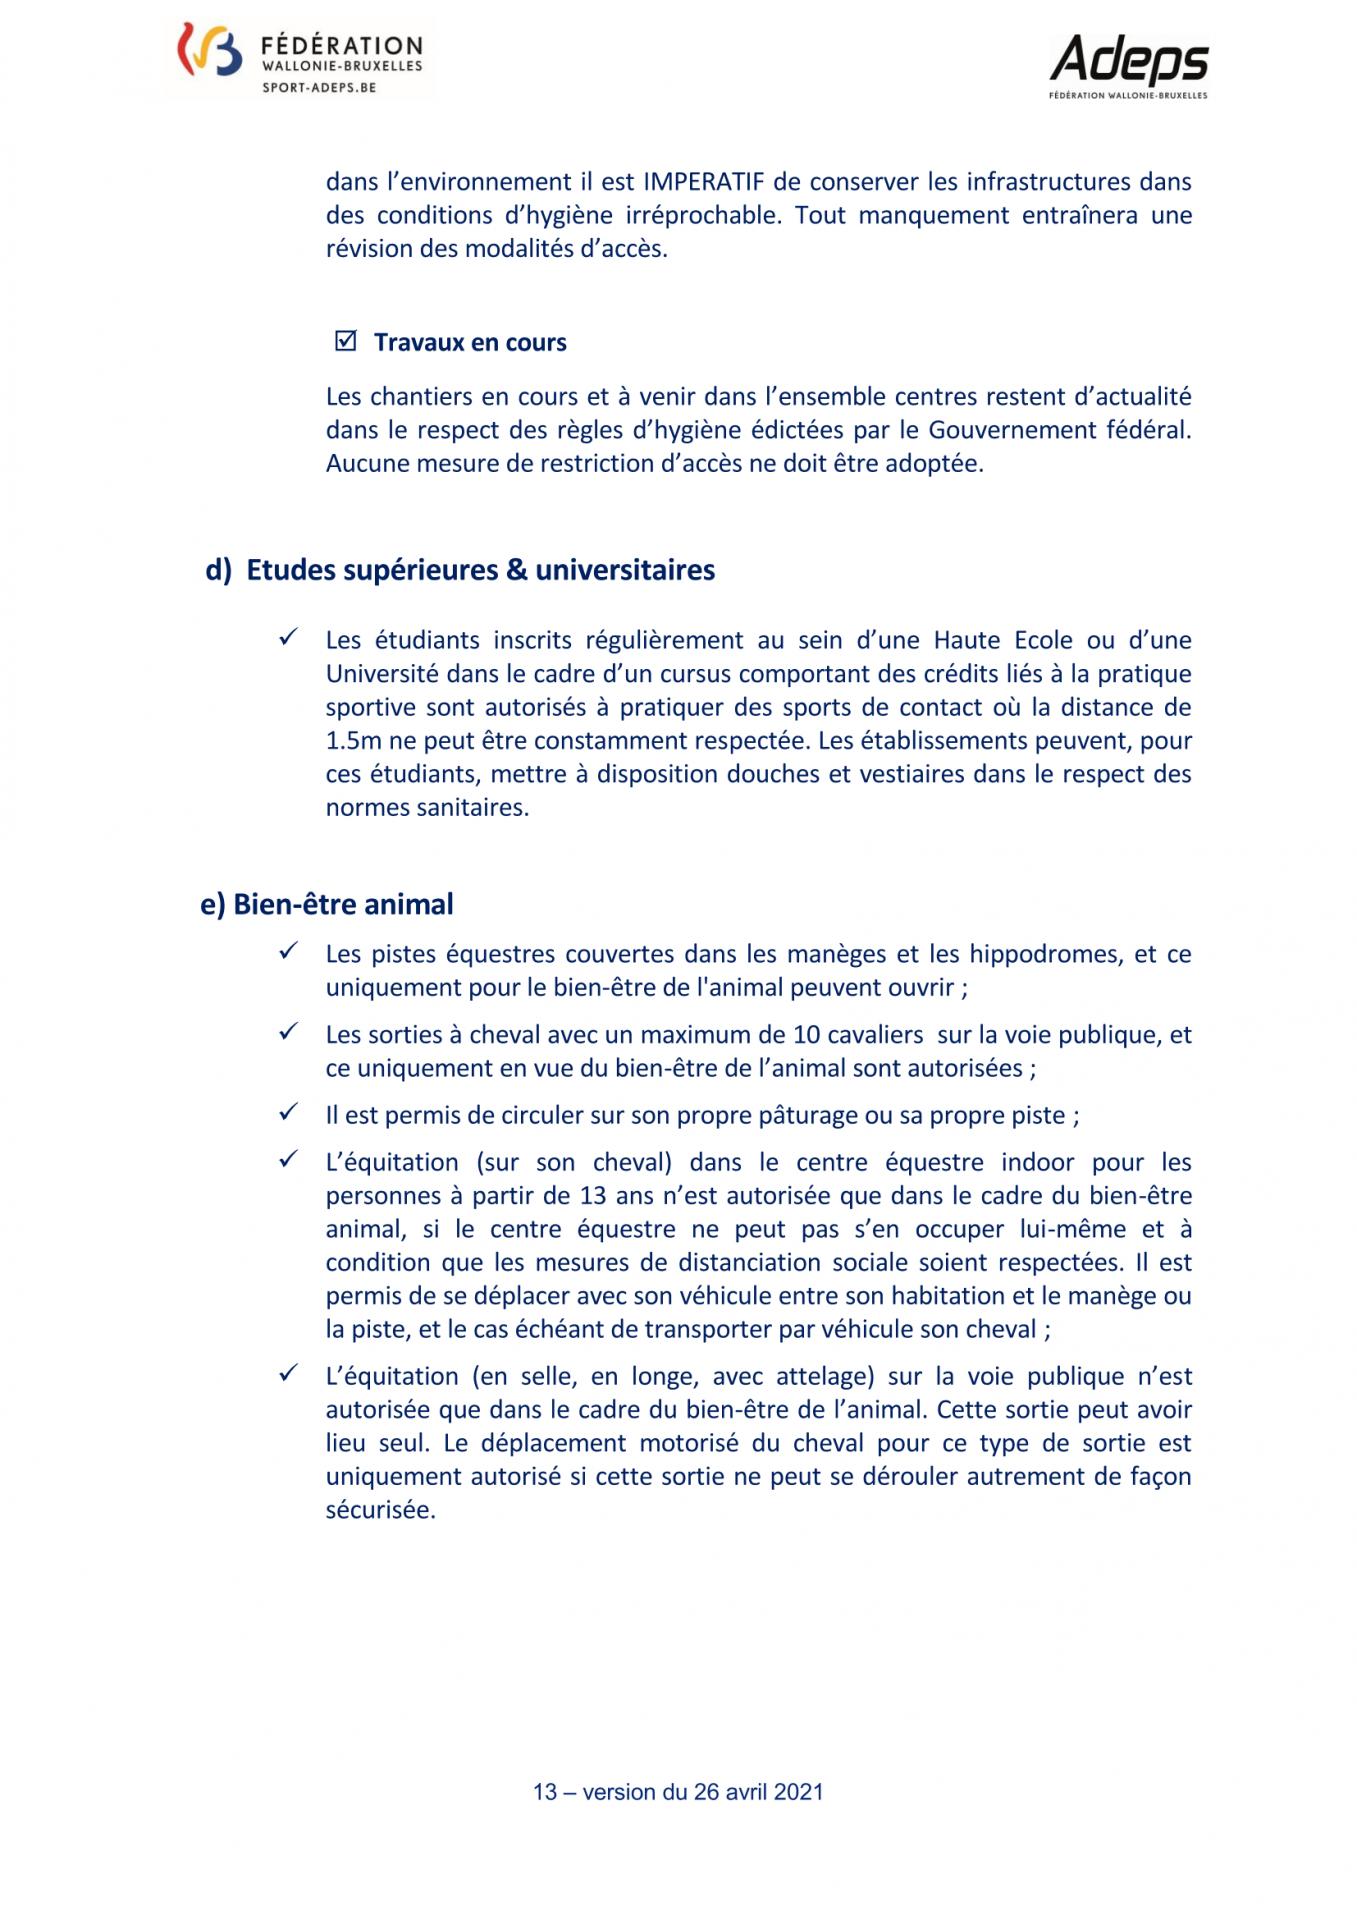 Protocole activites physiques et sportives 26 avril 2021 page 17